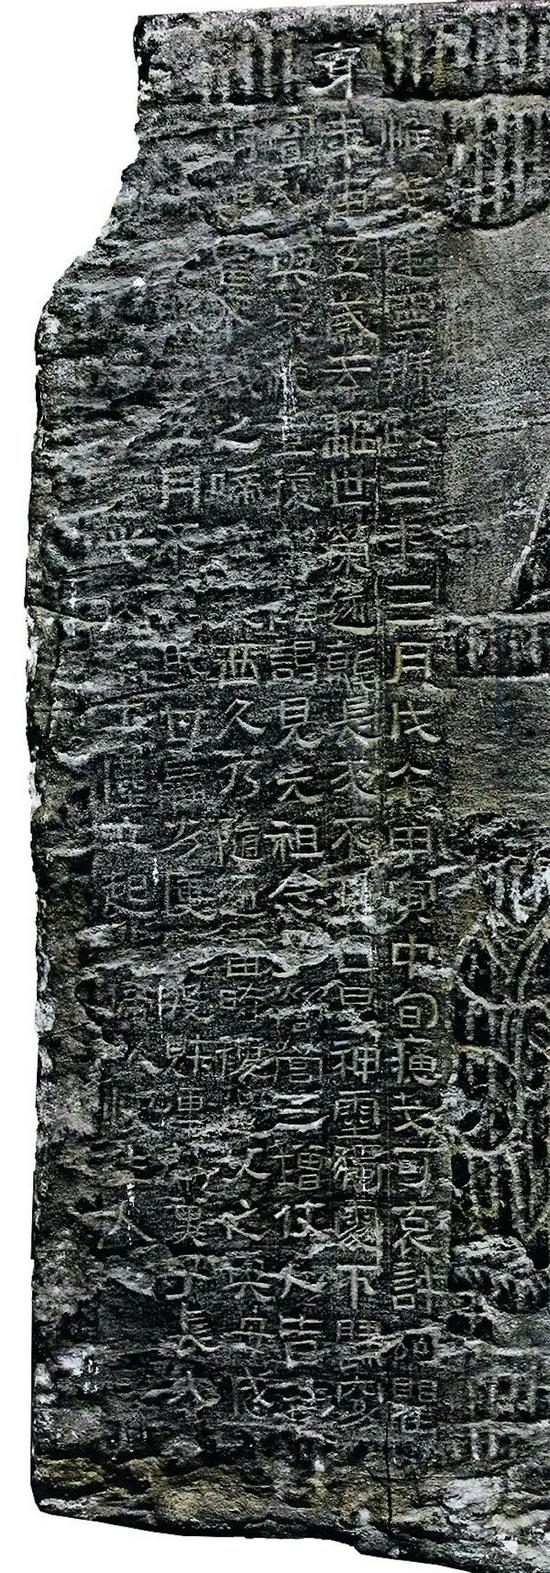 鑒賞|漢畫像石上題榜題記中的文字演變